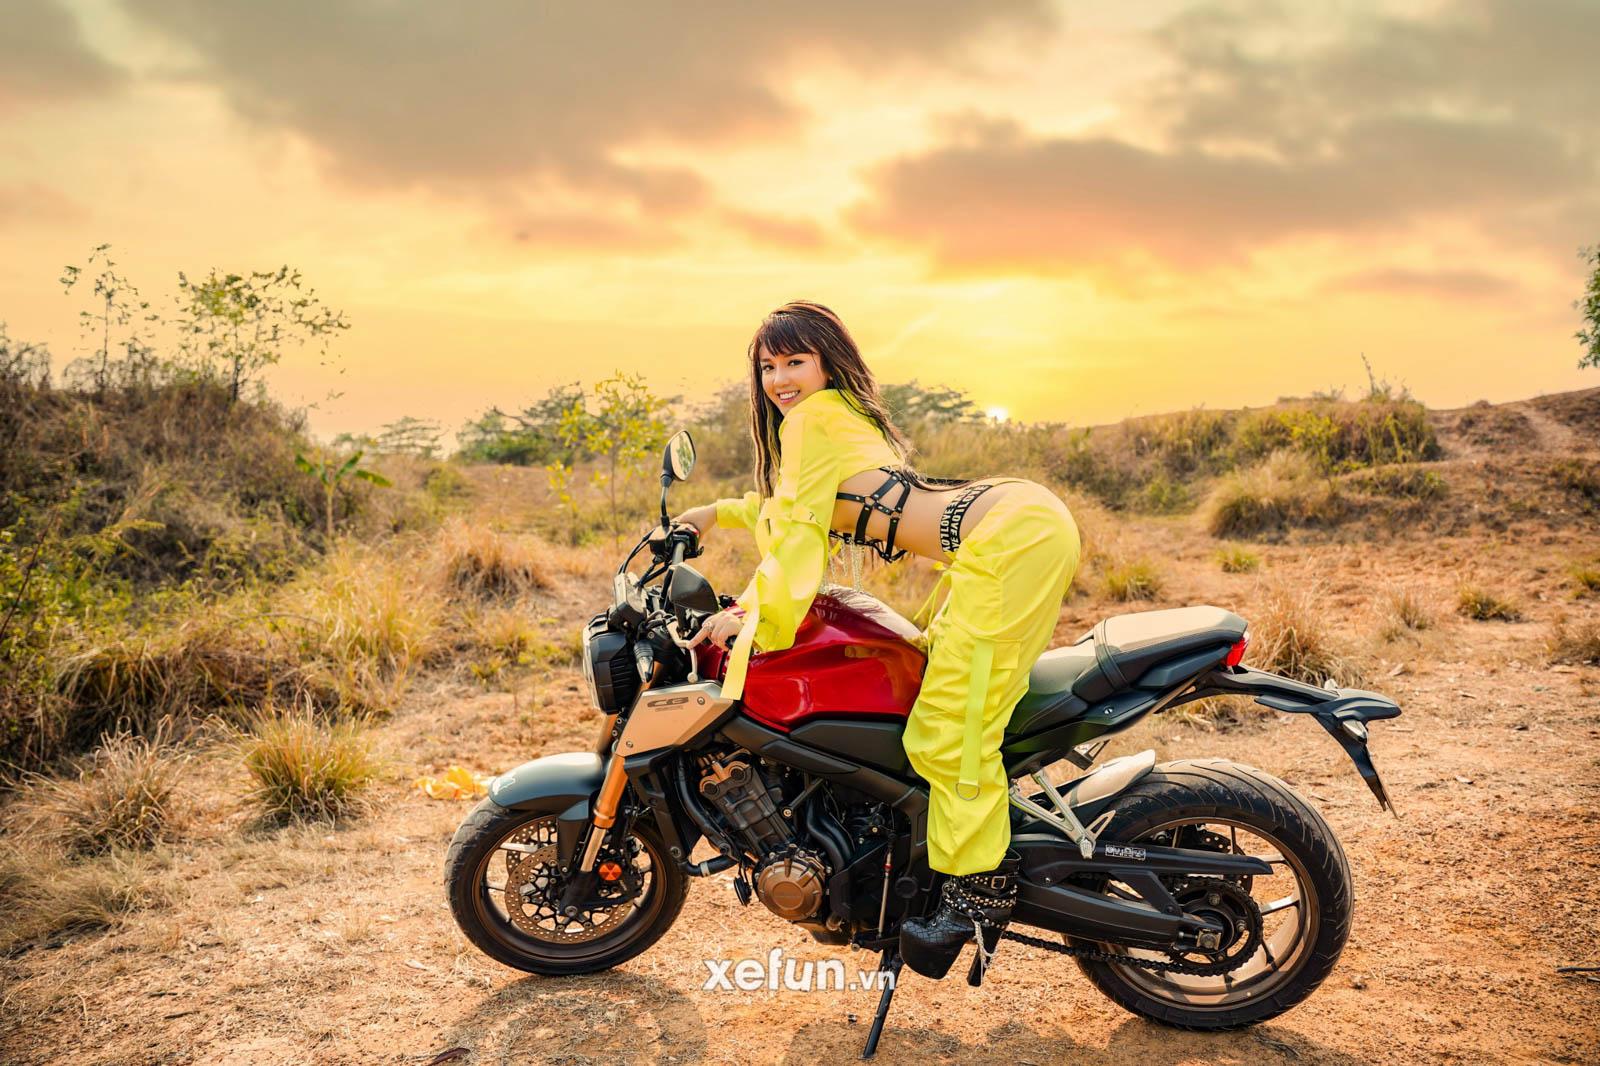 Cực sốc với bộ ảnh táo bạo của hot girl Triệu An bên chiến binh Honda CB650R trên Xefun (2)3454